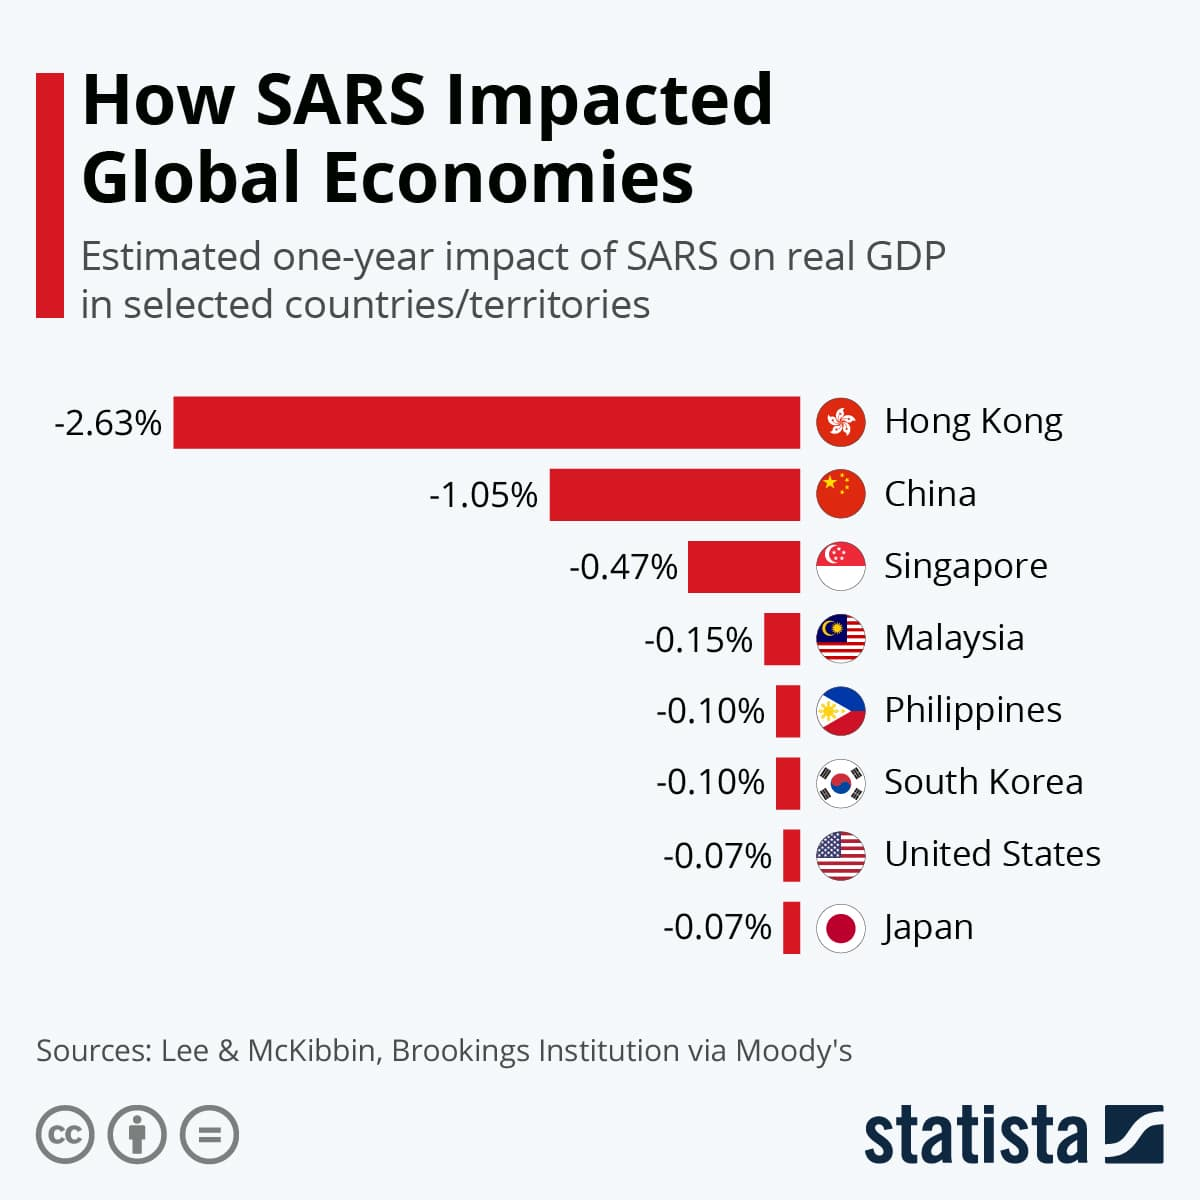 Impact of SARS on economy